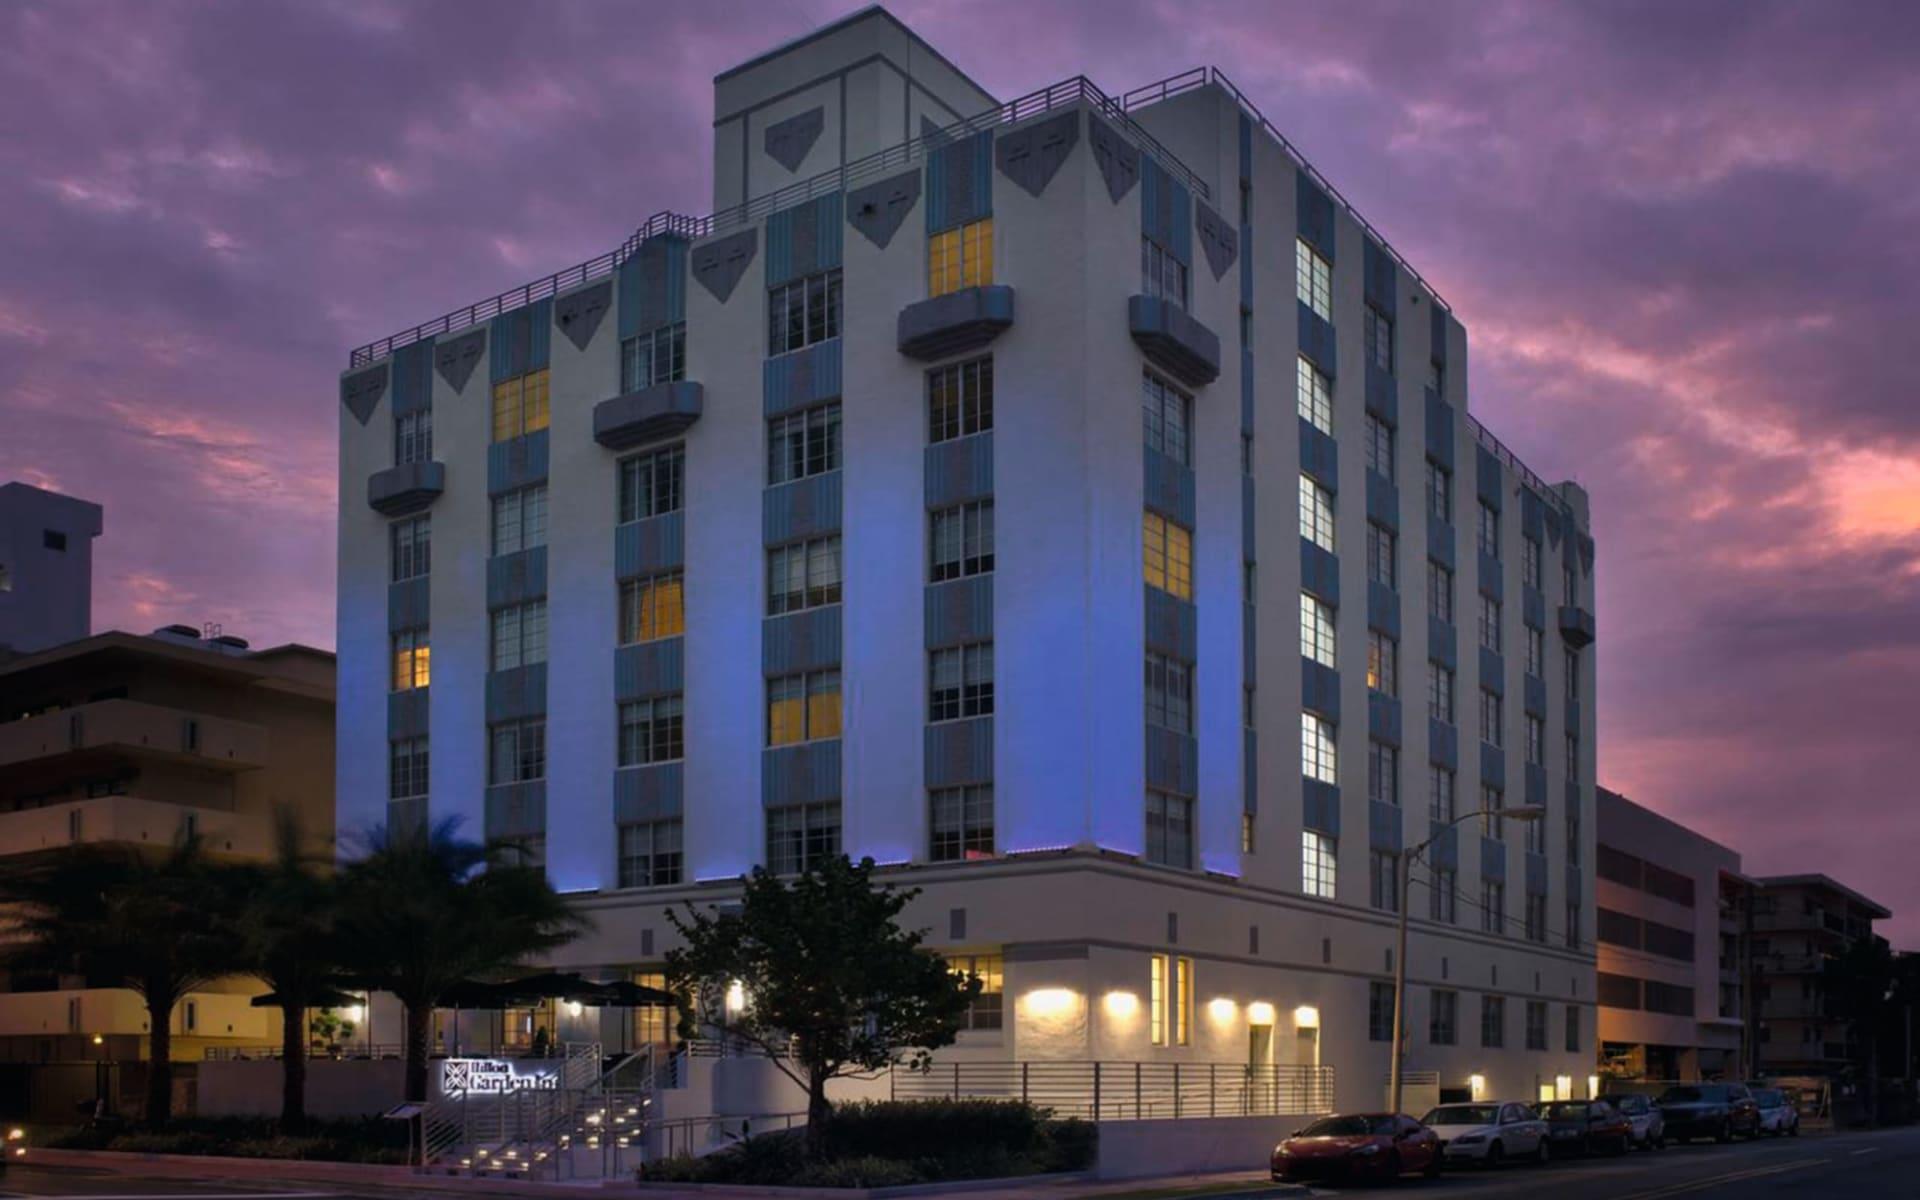 Hilton Garden Inn South Beach in Miami Beach:  Hilton Garden Inn South Beach - Abendstimmung